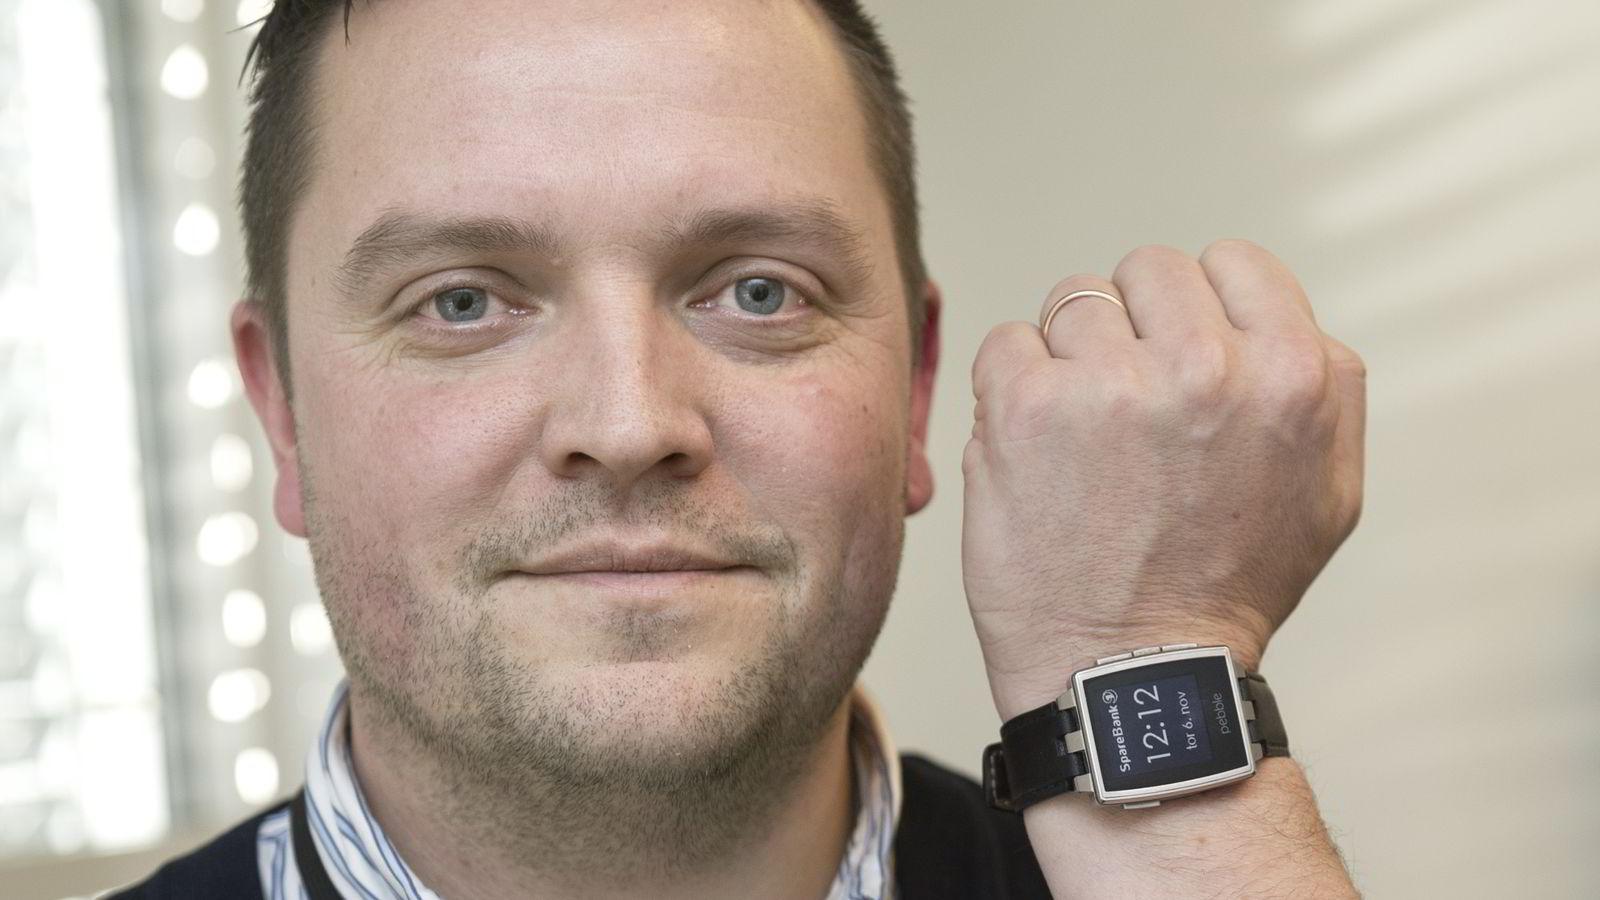 Oslo, 6. november 2014: Mobilbankansvarlig Baard Slaattelid i Sparebank 1 lanserer nettbanktjenester på en smartklokke. Han mener bankene må være forut for kundene med å introdusere banktjenester i nye former.